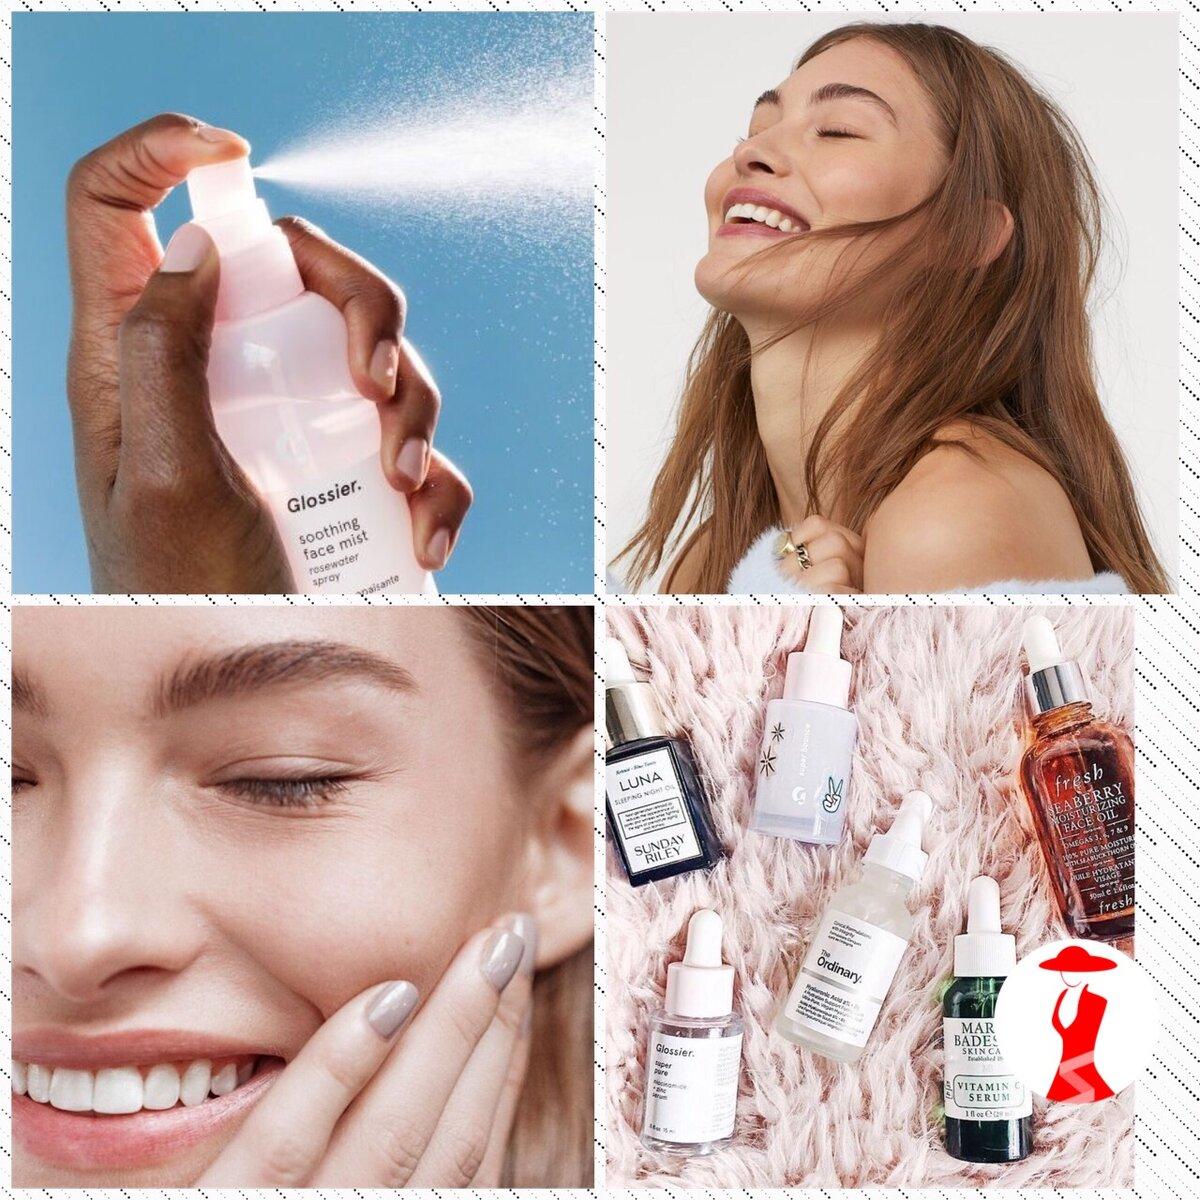 Советую сходить на консультацию к косметологу, где специалист подберет вам правильный уход за кожей.